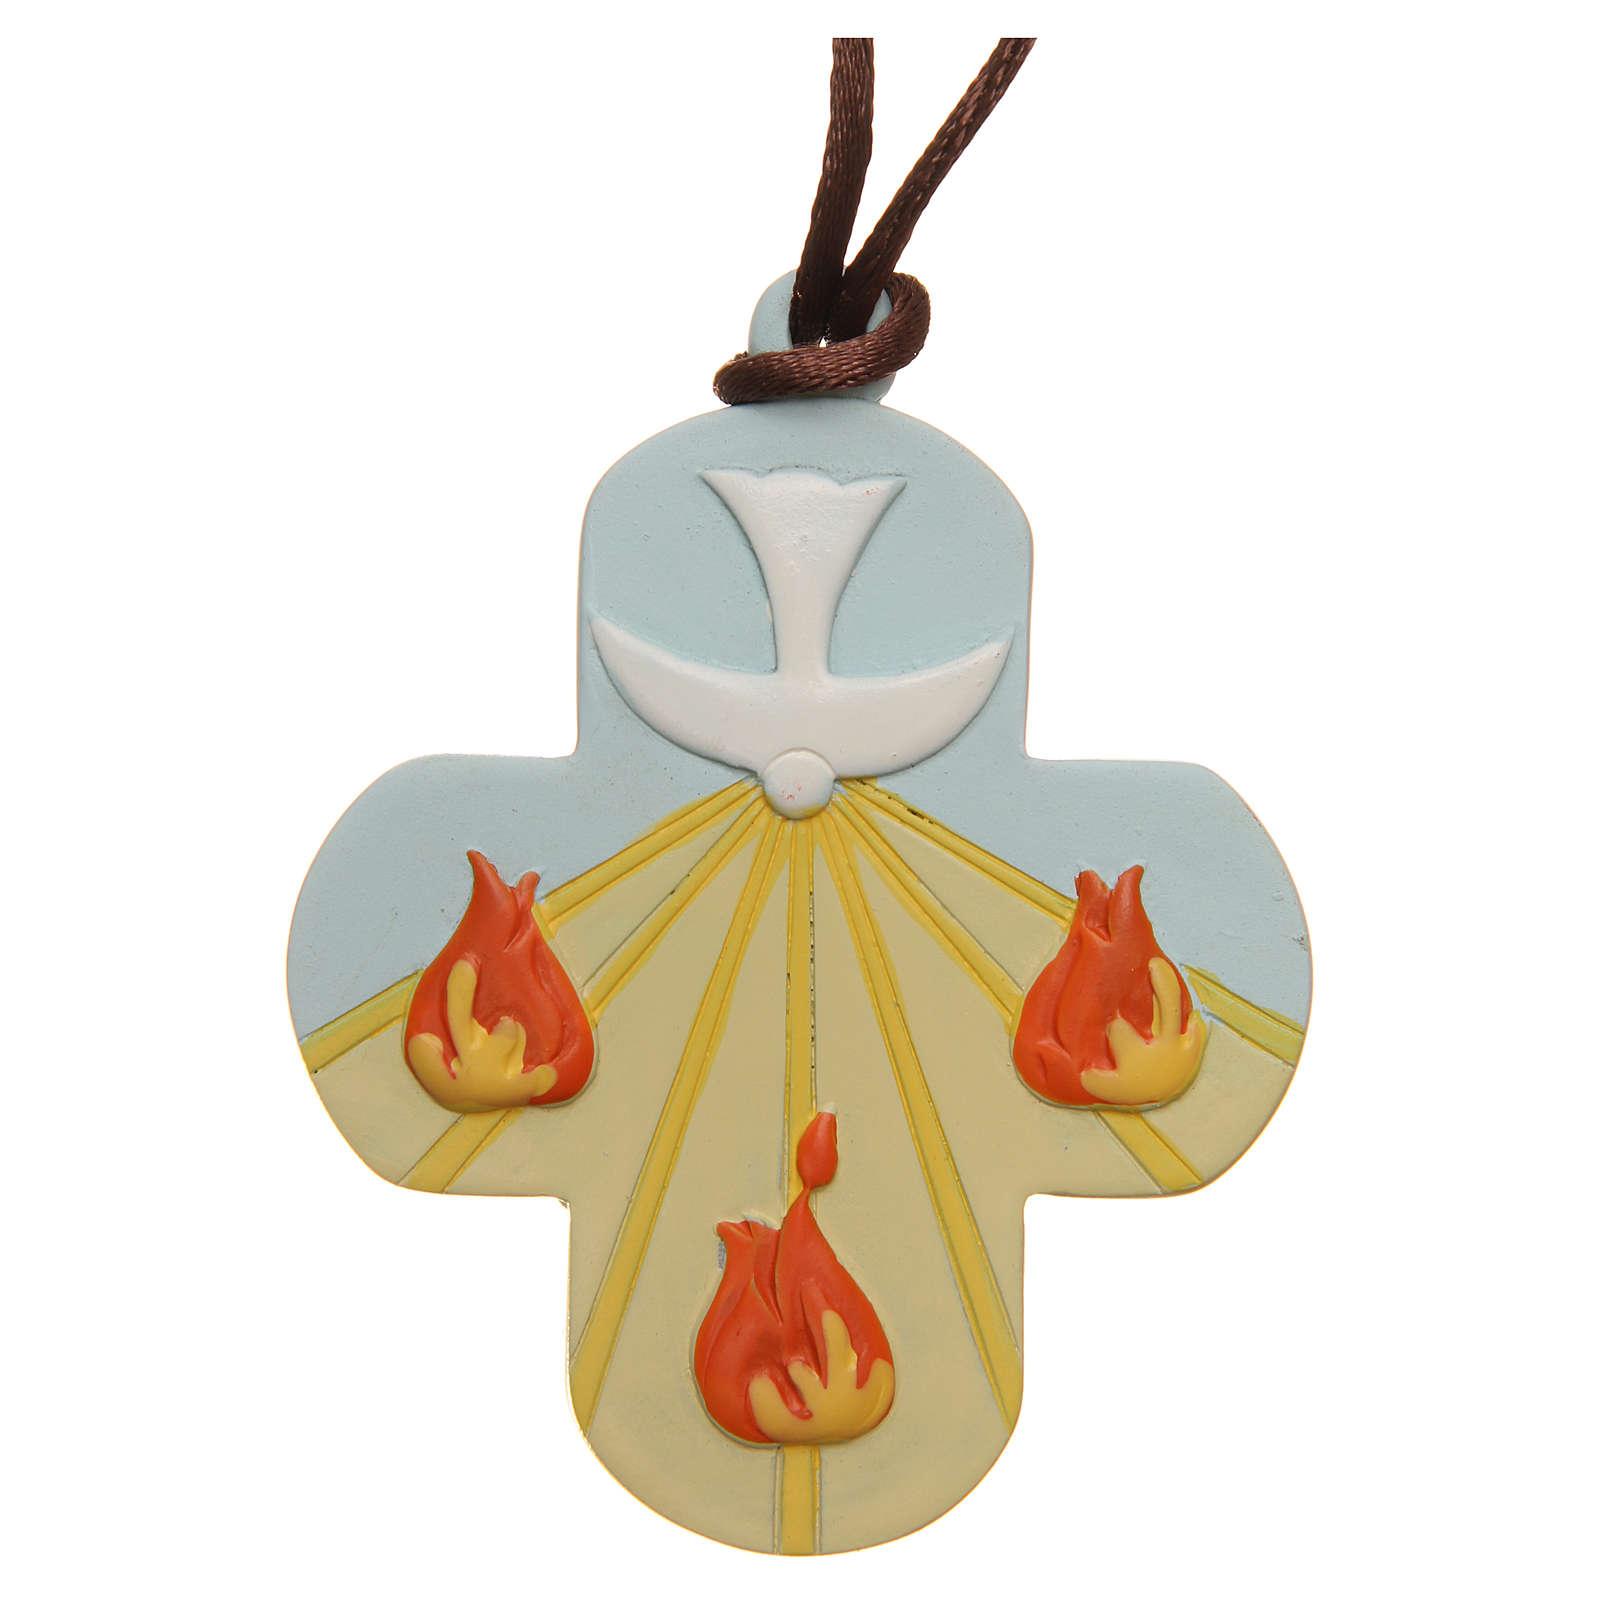 STOCK Krzyż Duch święty żywica malowana 7 X 6cm 4